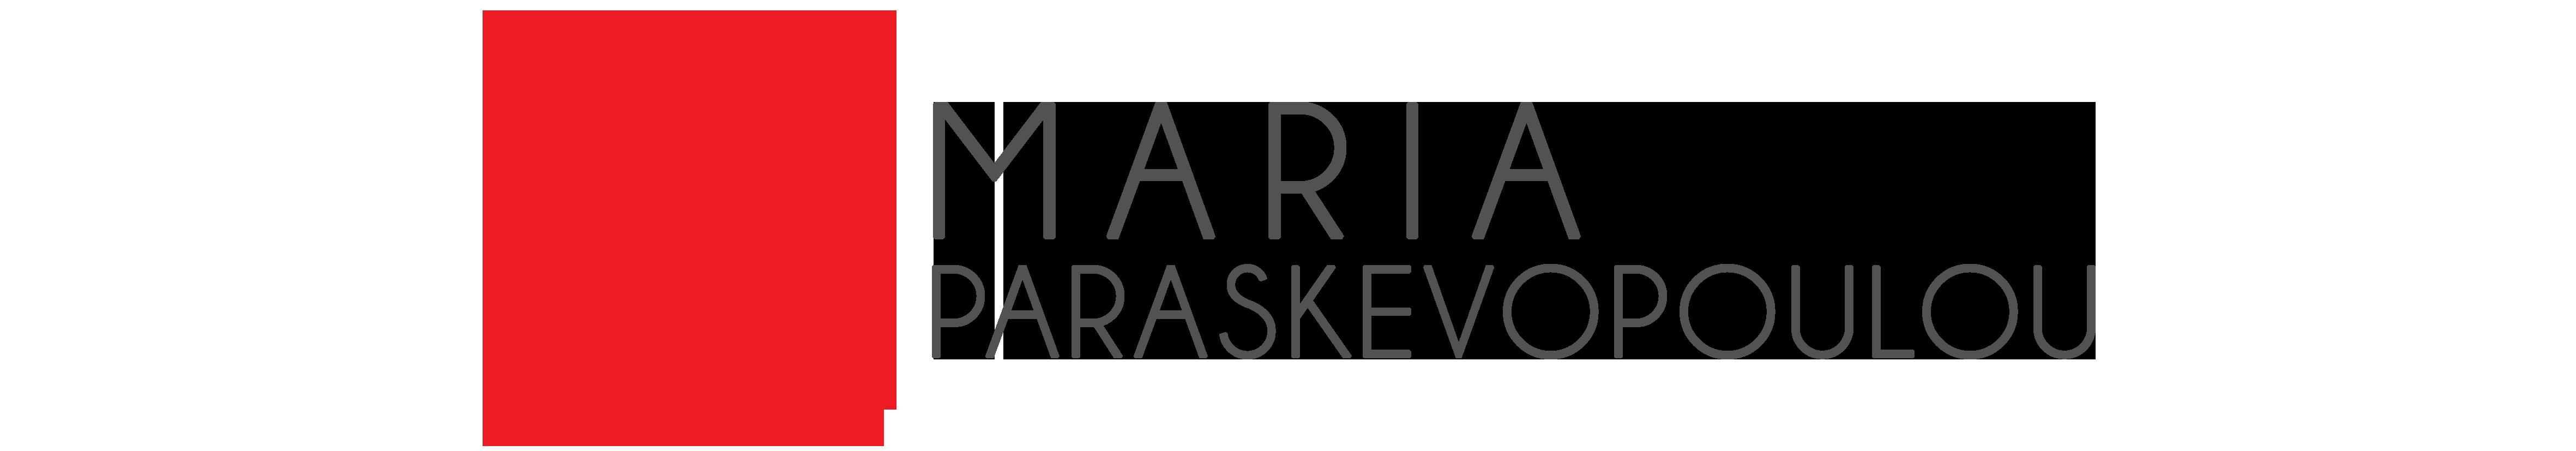 Maria Paraskevopoulou